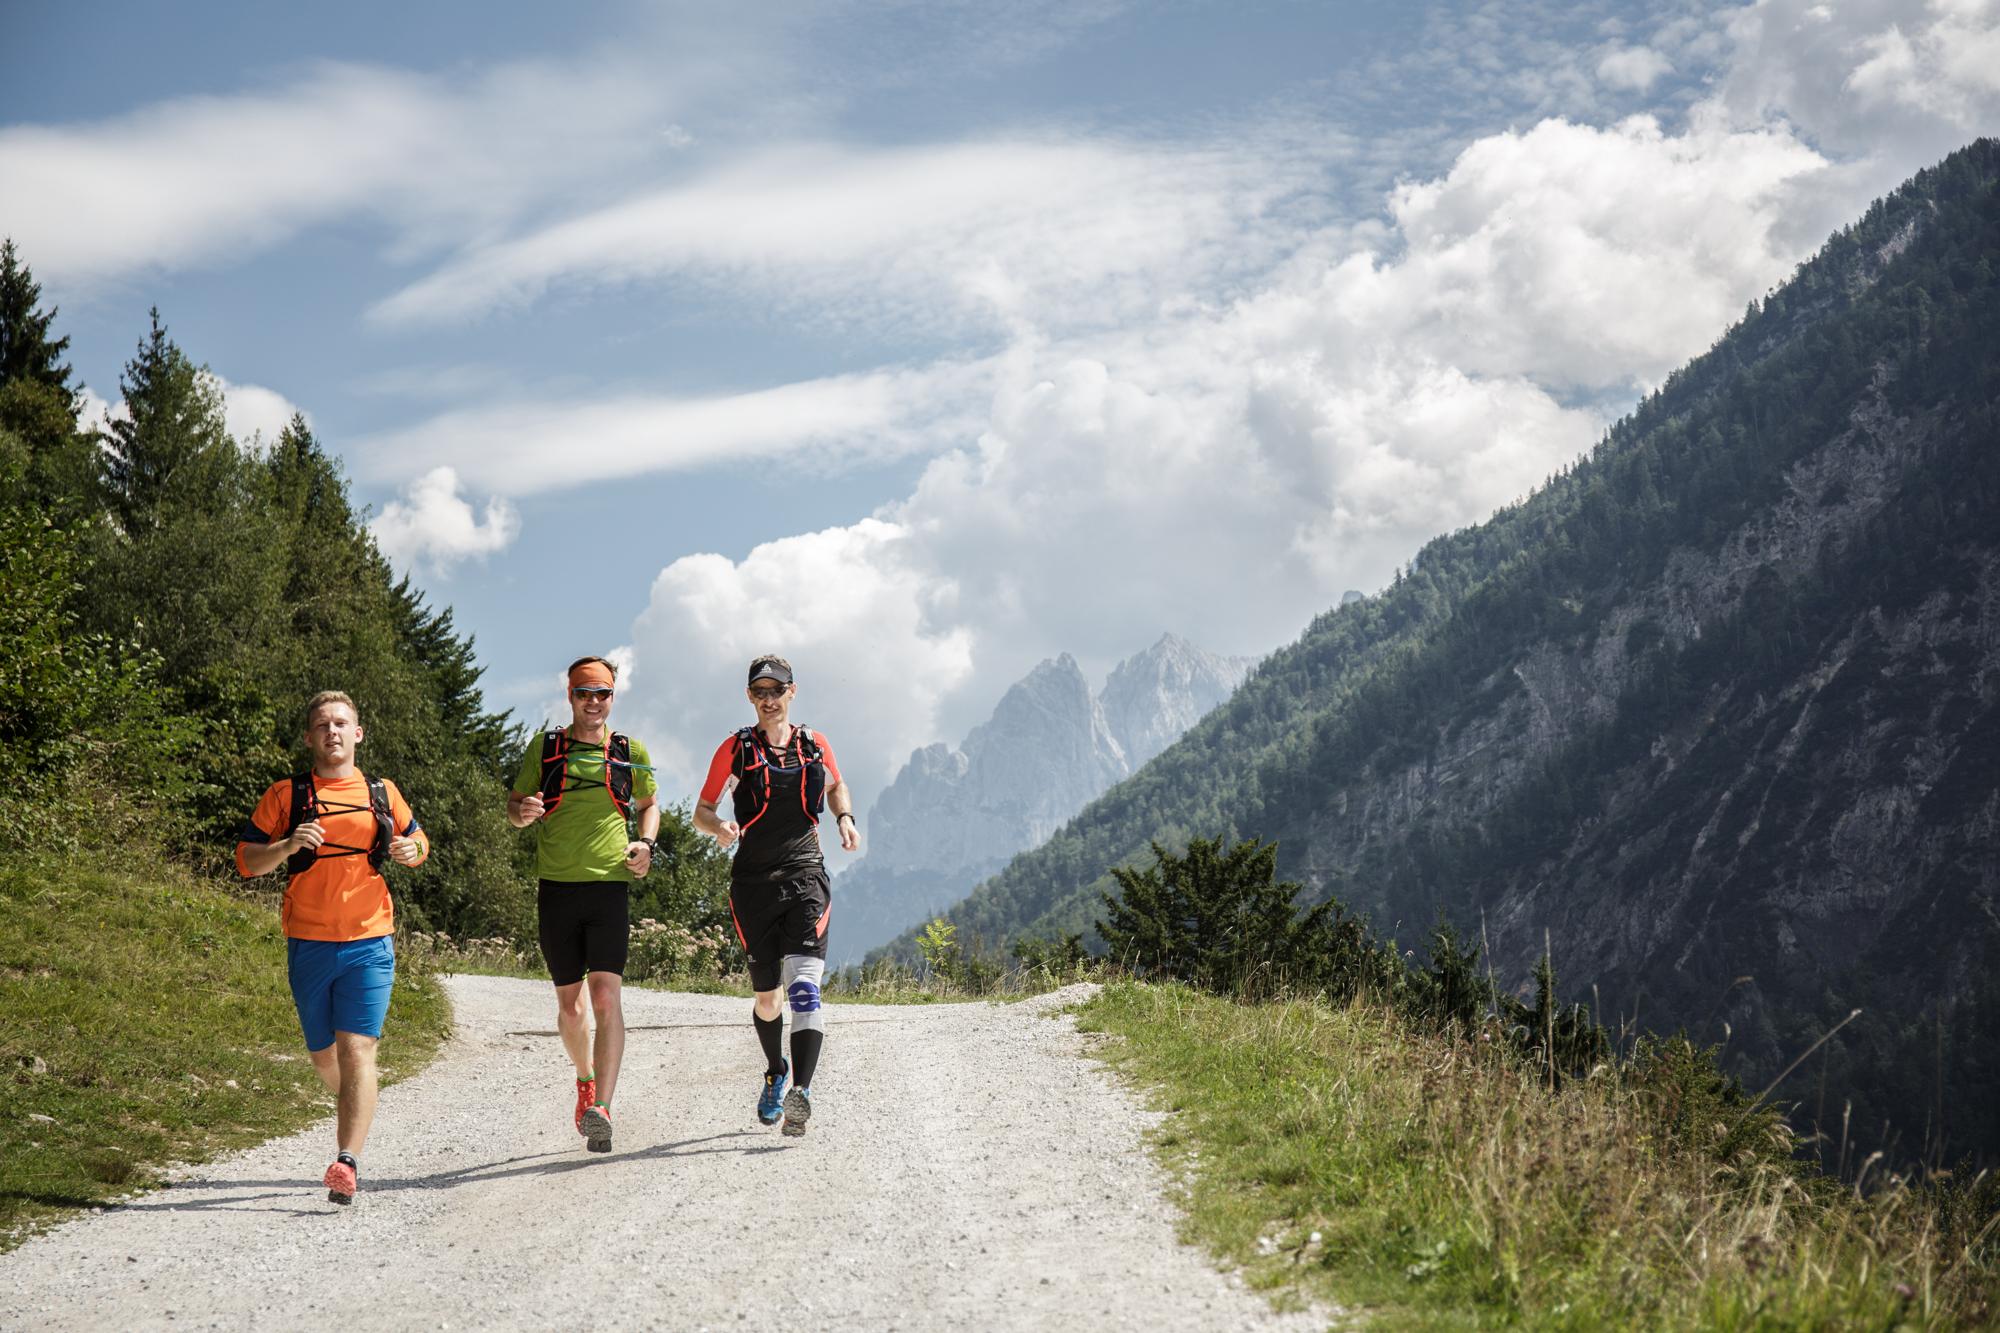 Ausrüstung & Equipment für Trailrunner und Geländeläufer